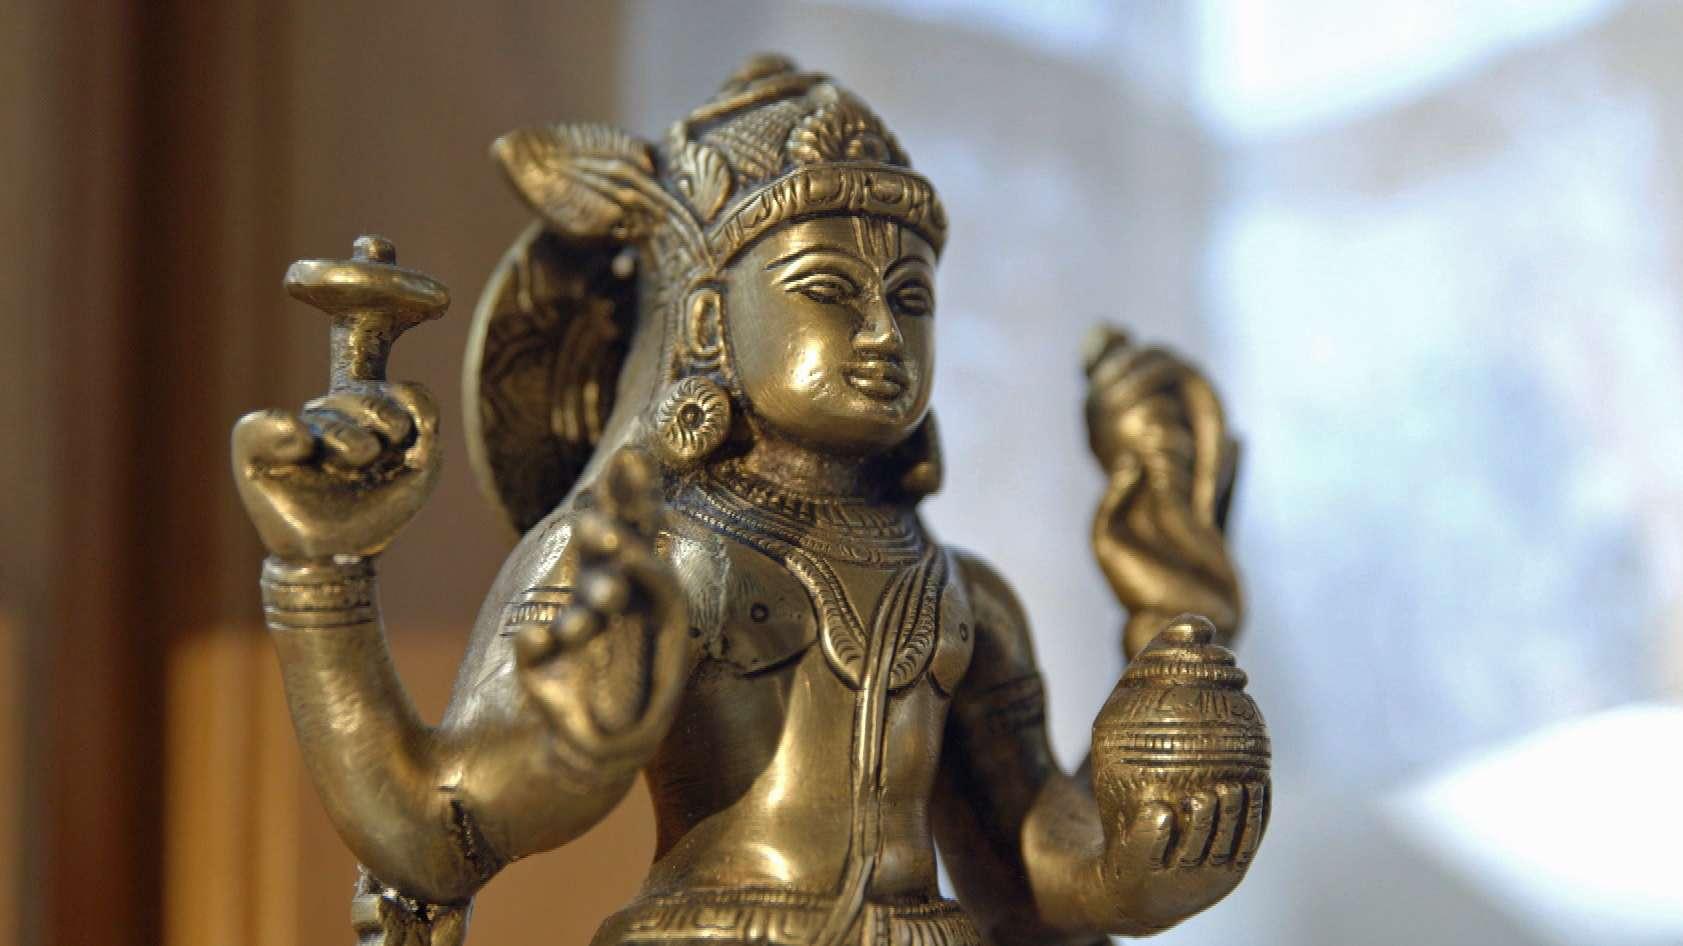 Eine Skulptur von Dhanvantari - Vishnuinkarnation und Gott des Ayurveda